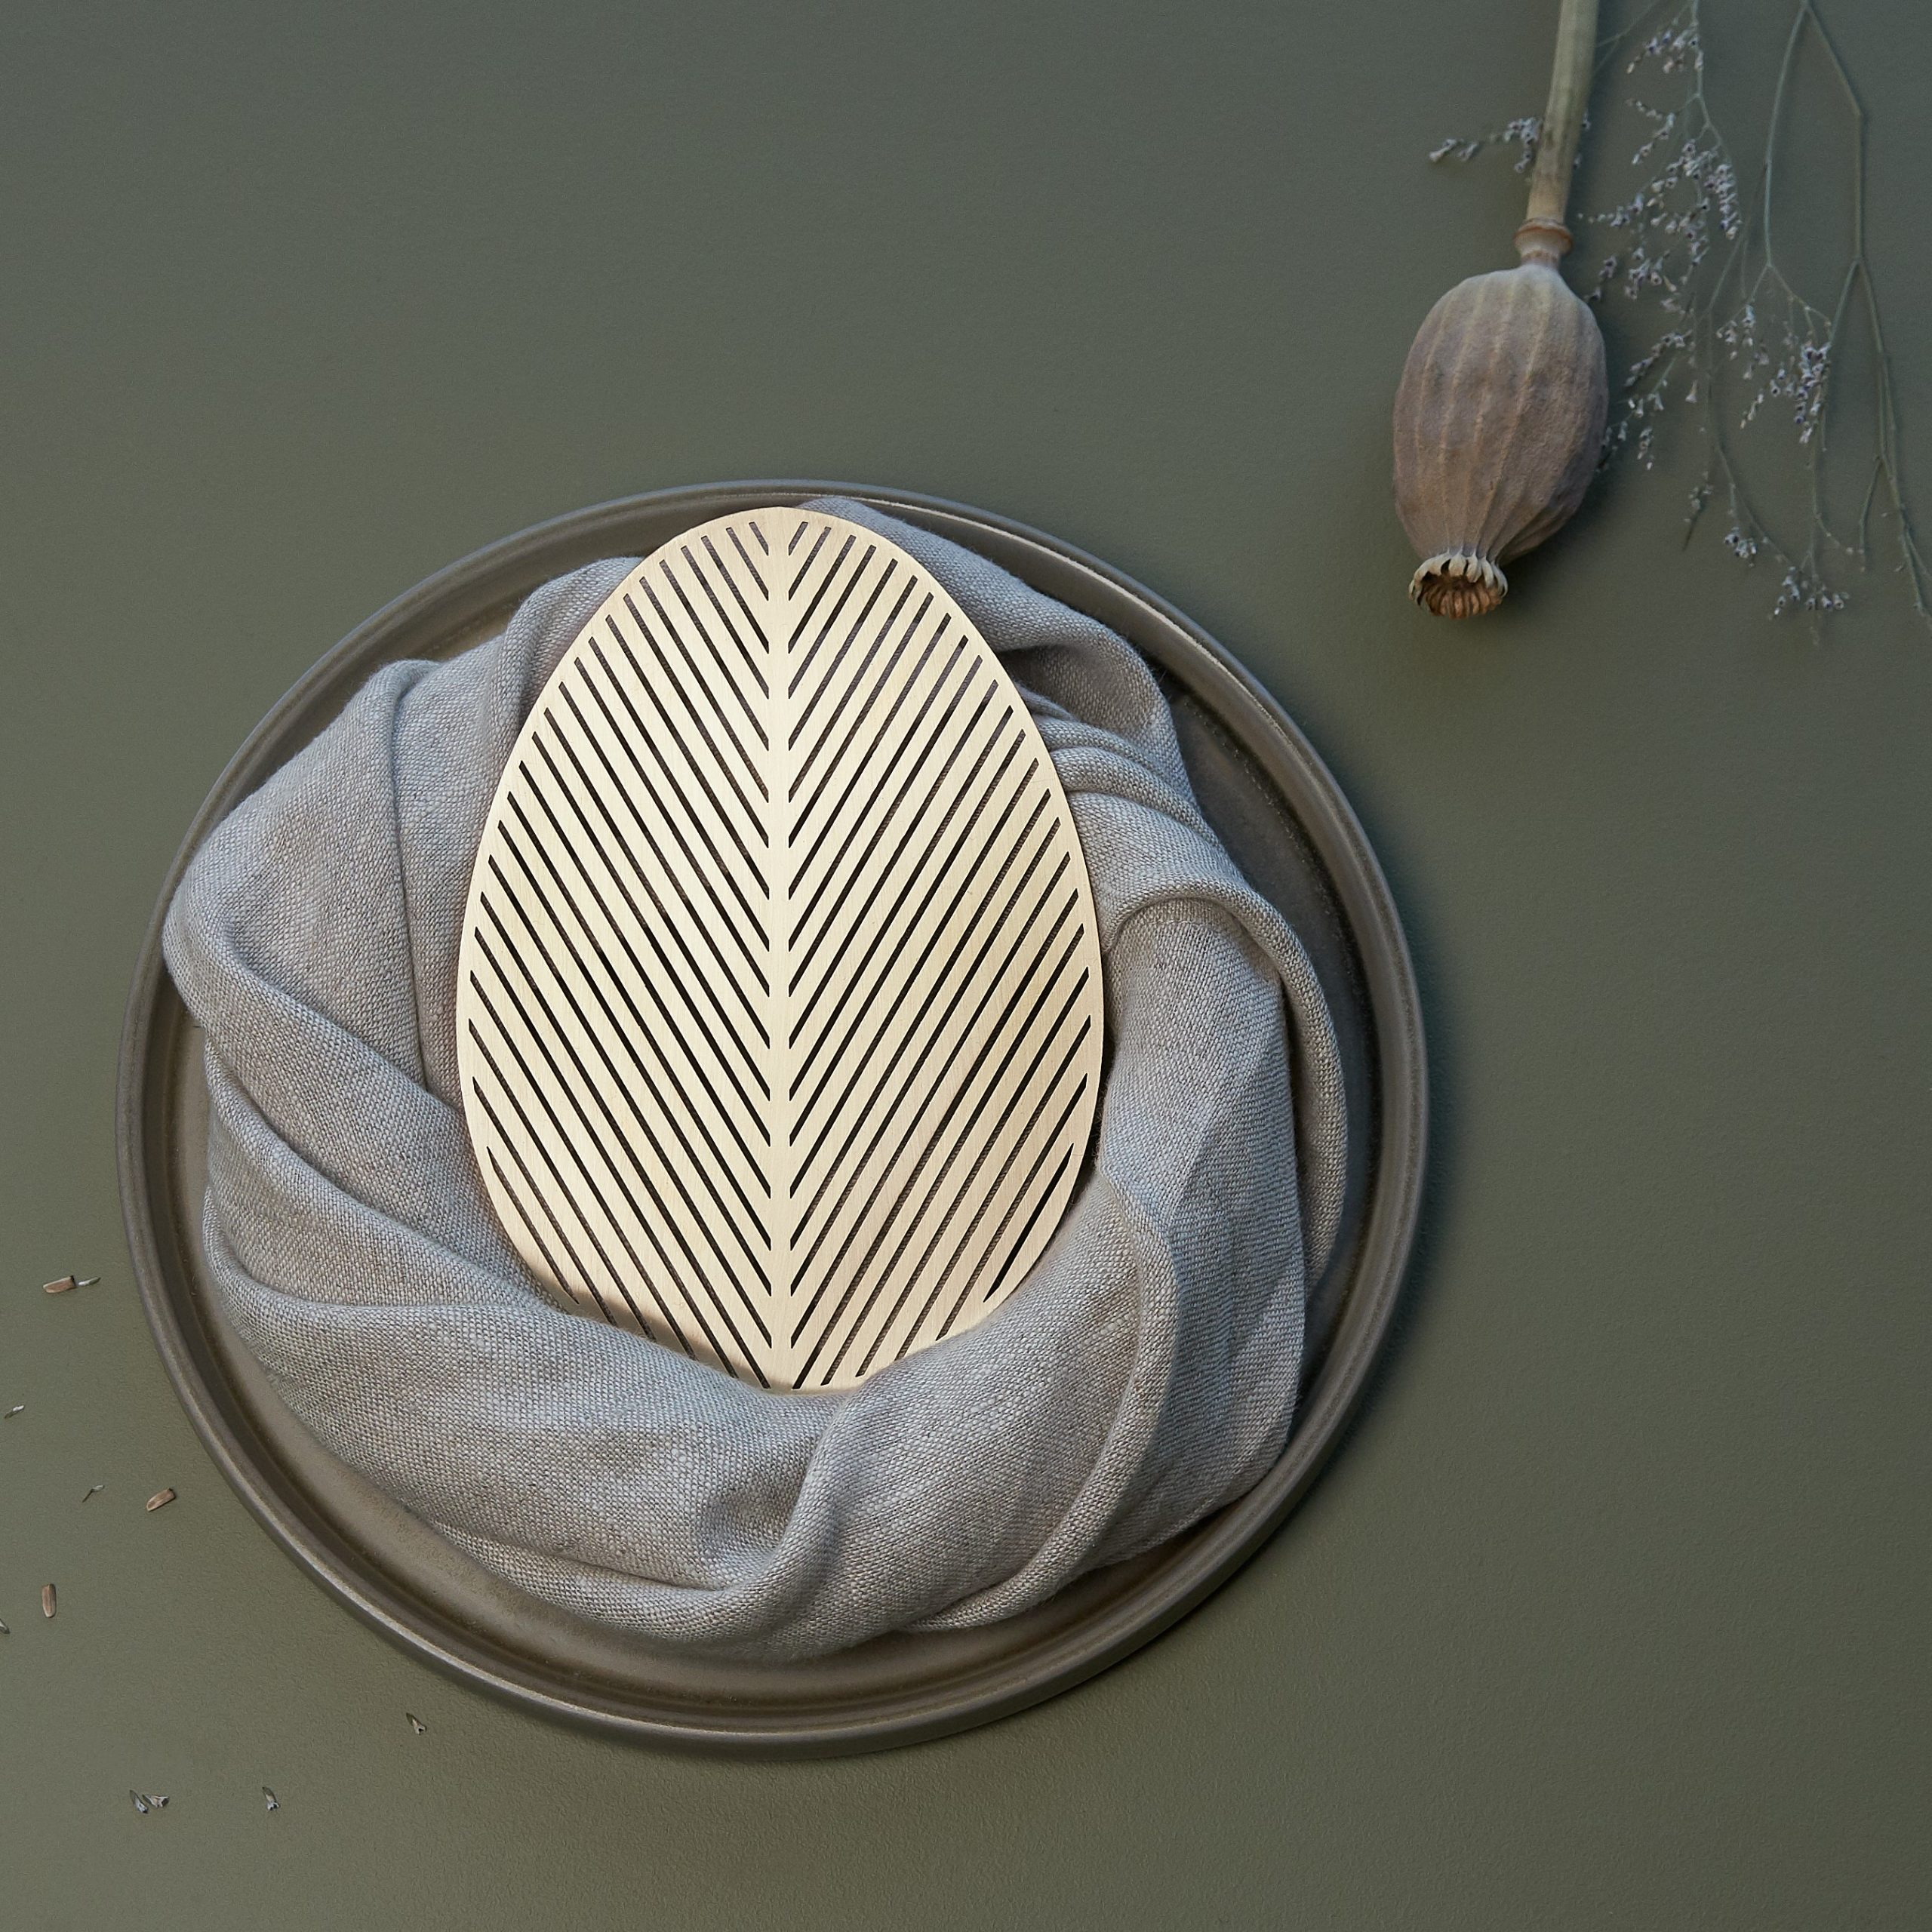 """Žalvariniai organinių formų padėkliukai """"VARVA"""", gamintojas """"Namuos"""", dizainerė, architektė Inga Urbonaitė - Vadoklienė."""